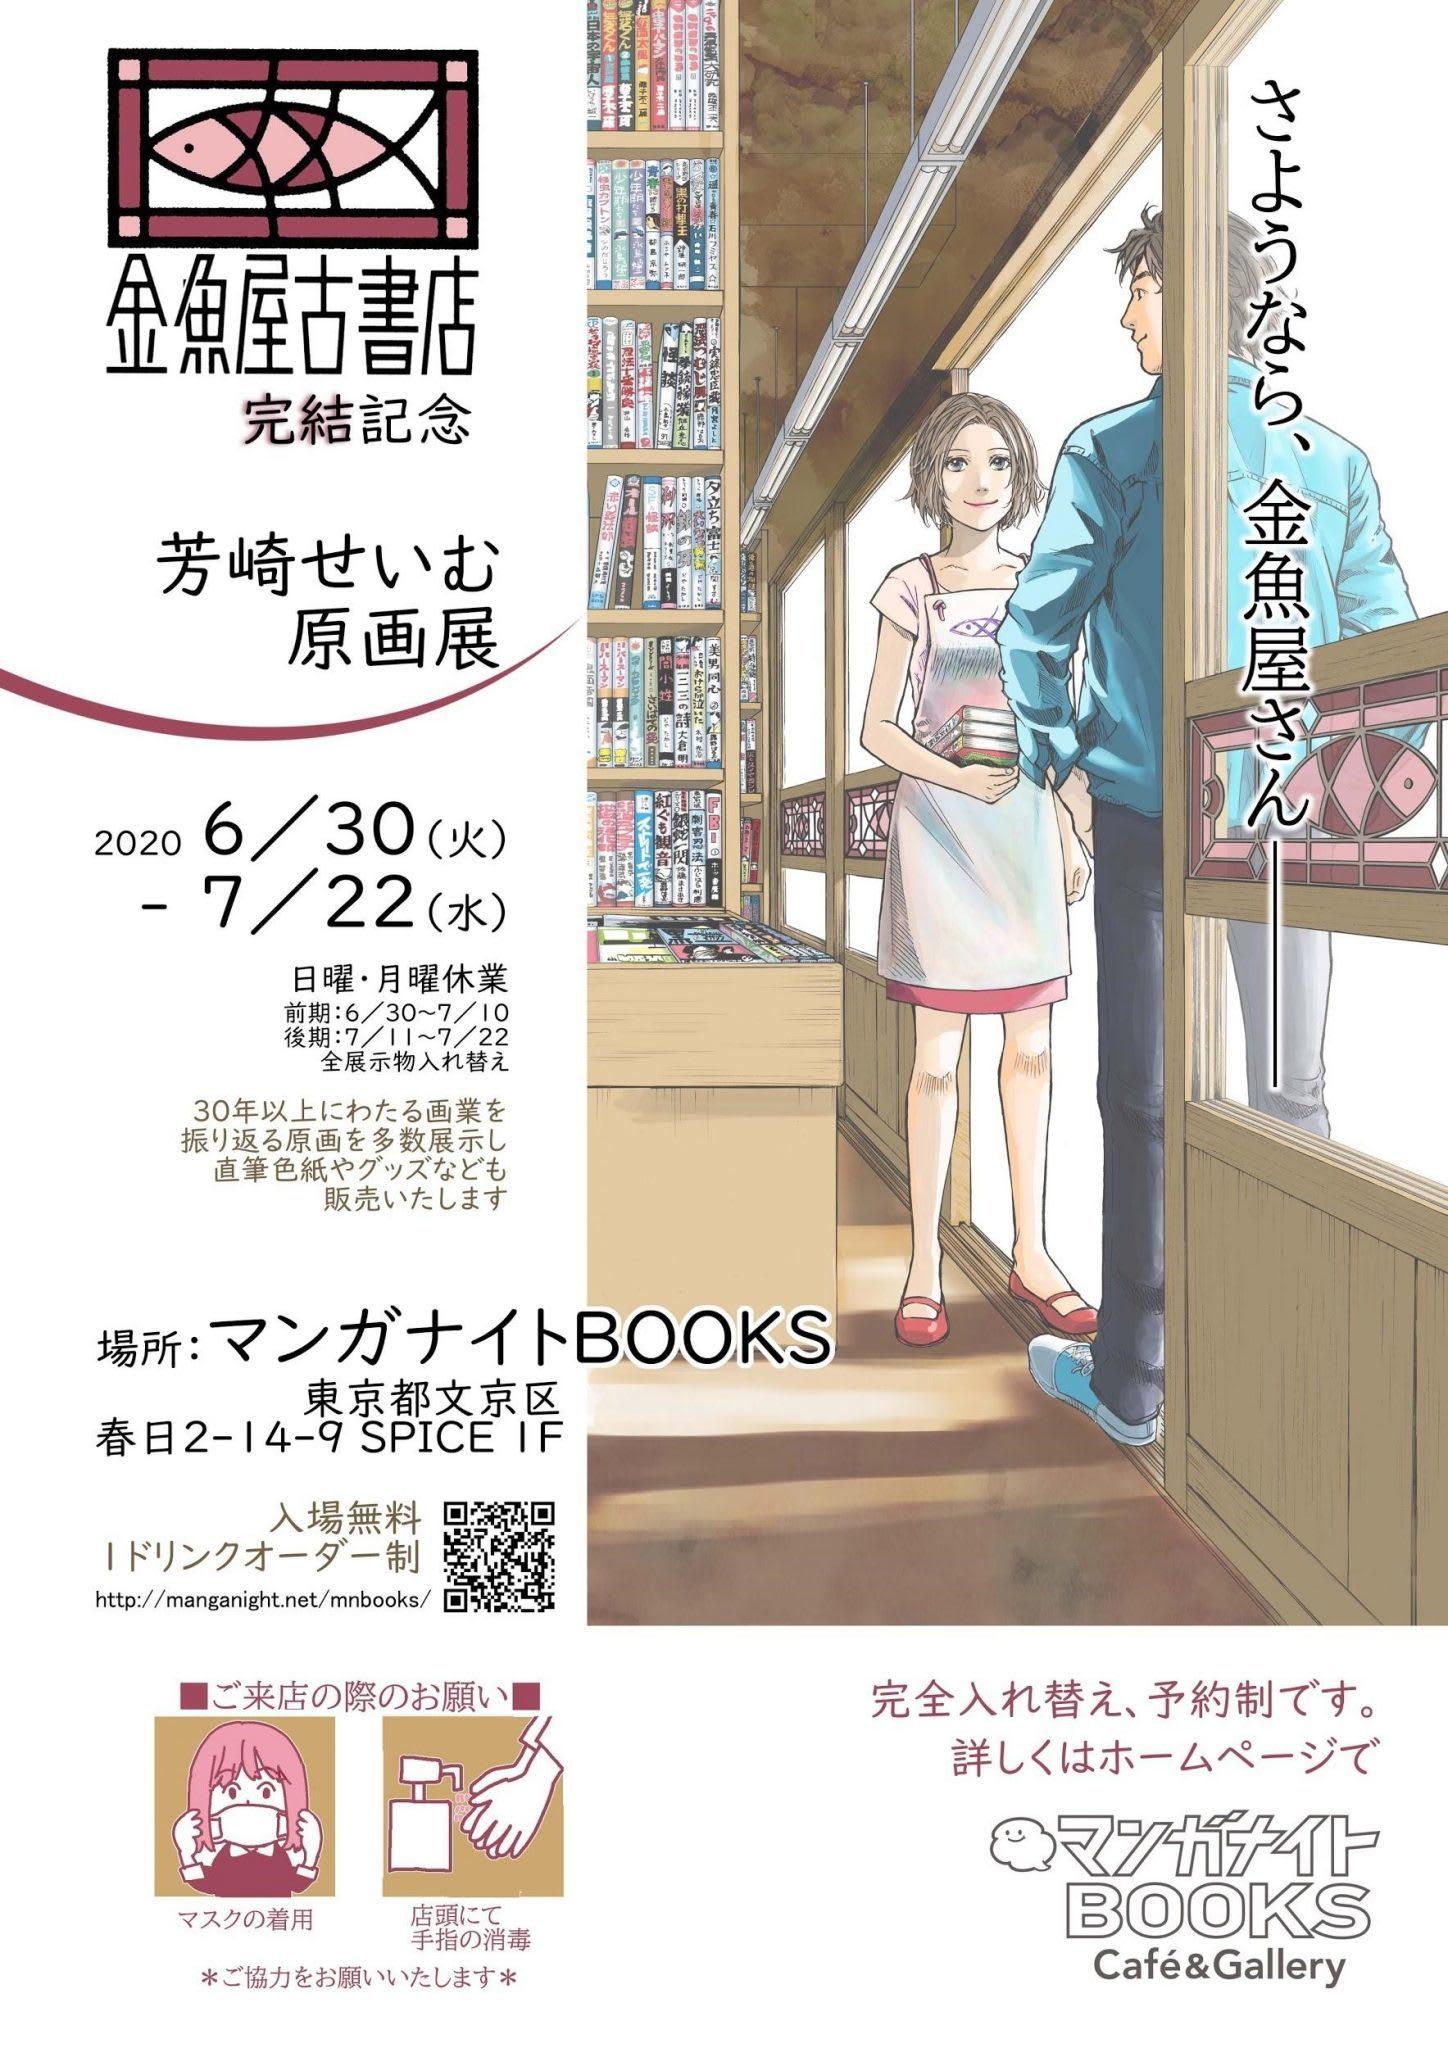 金魚屋古書店完結記念 芳崎せいむ原画展【予約&貸切制】